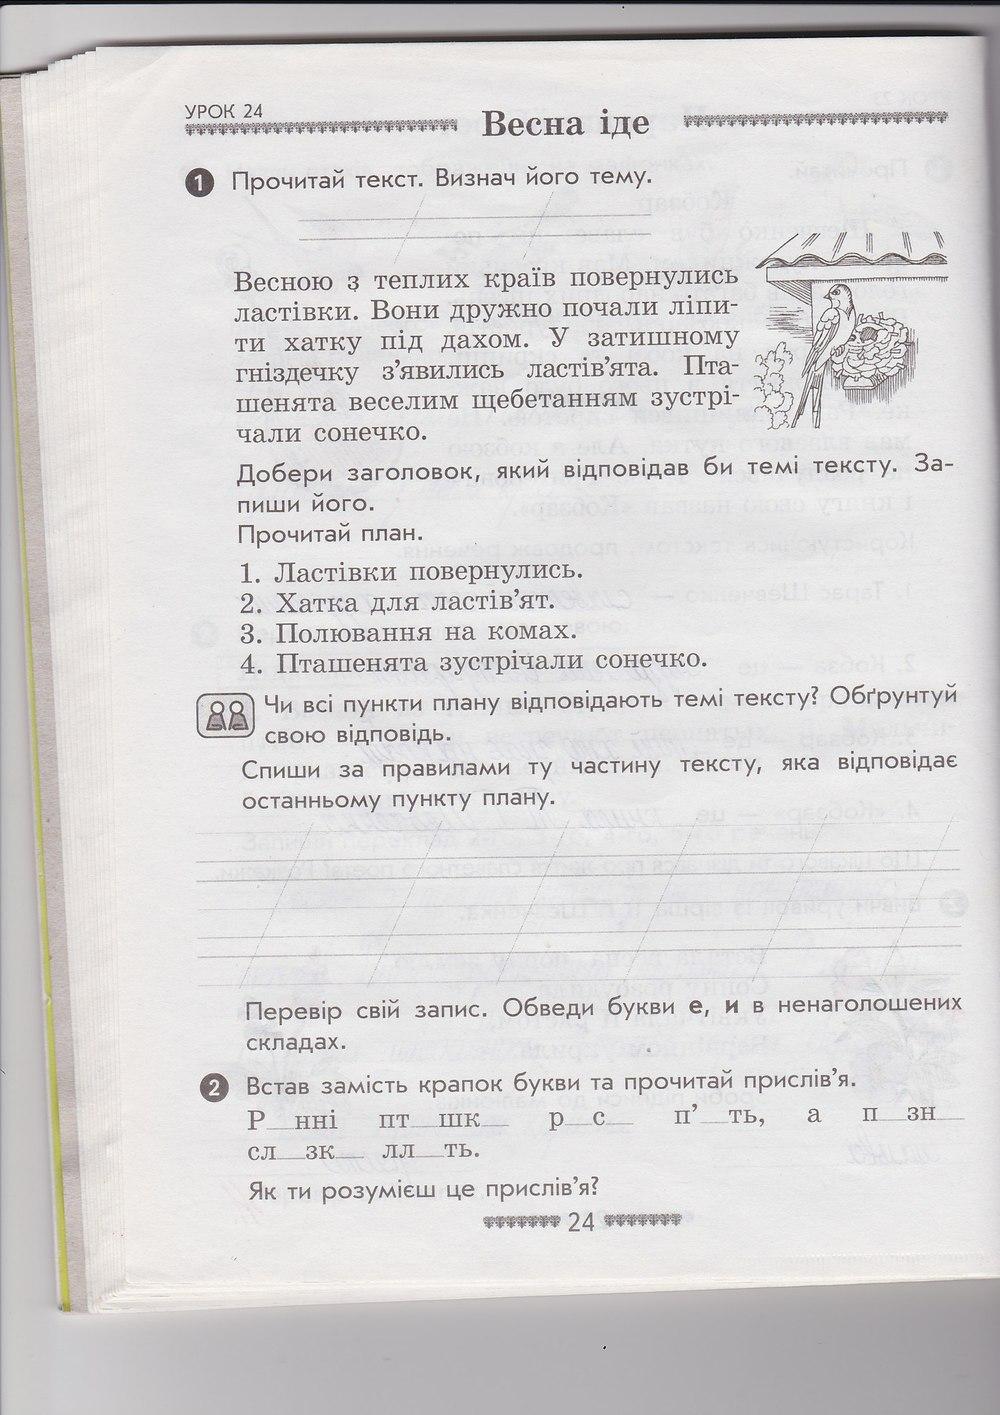 ГДЗ відповіді робочий зошит по рiдна/укр. мова 2 класс Кобзар О. Г.. Задание: стр. 24